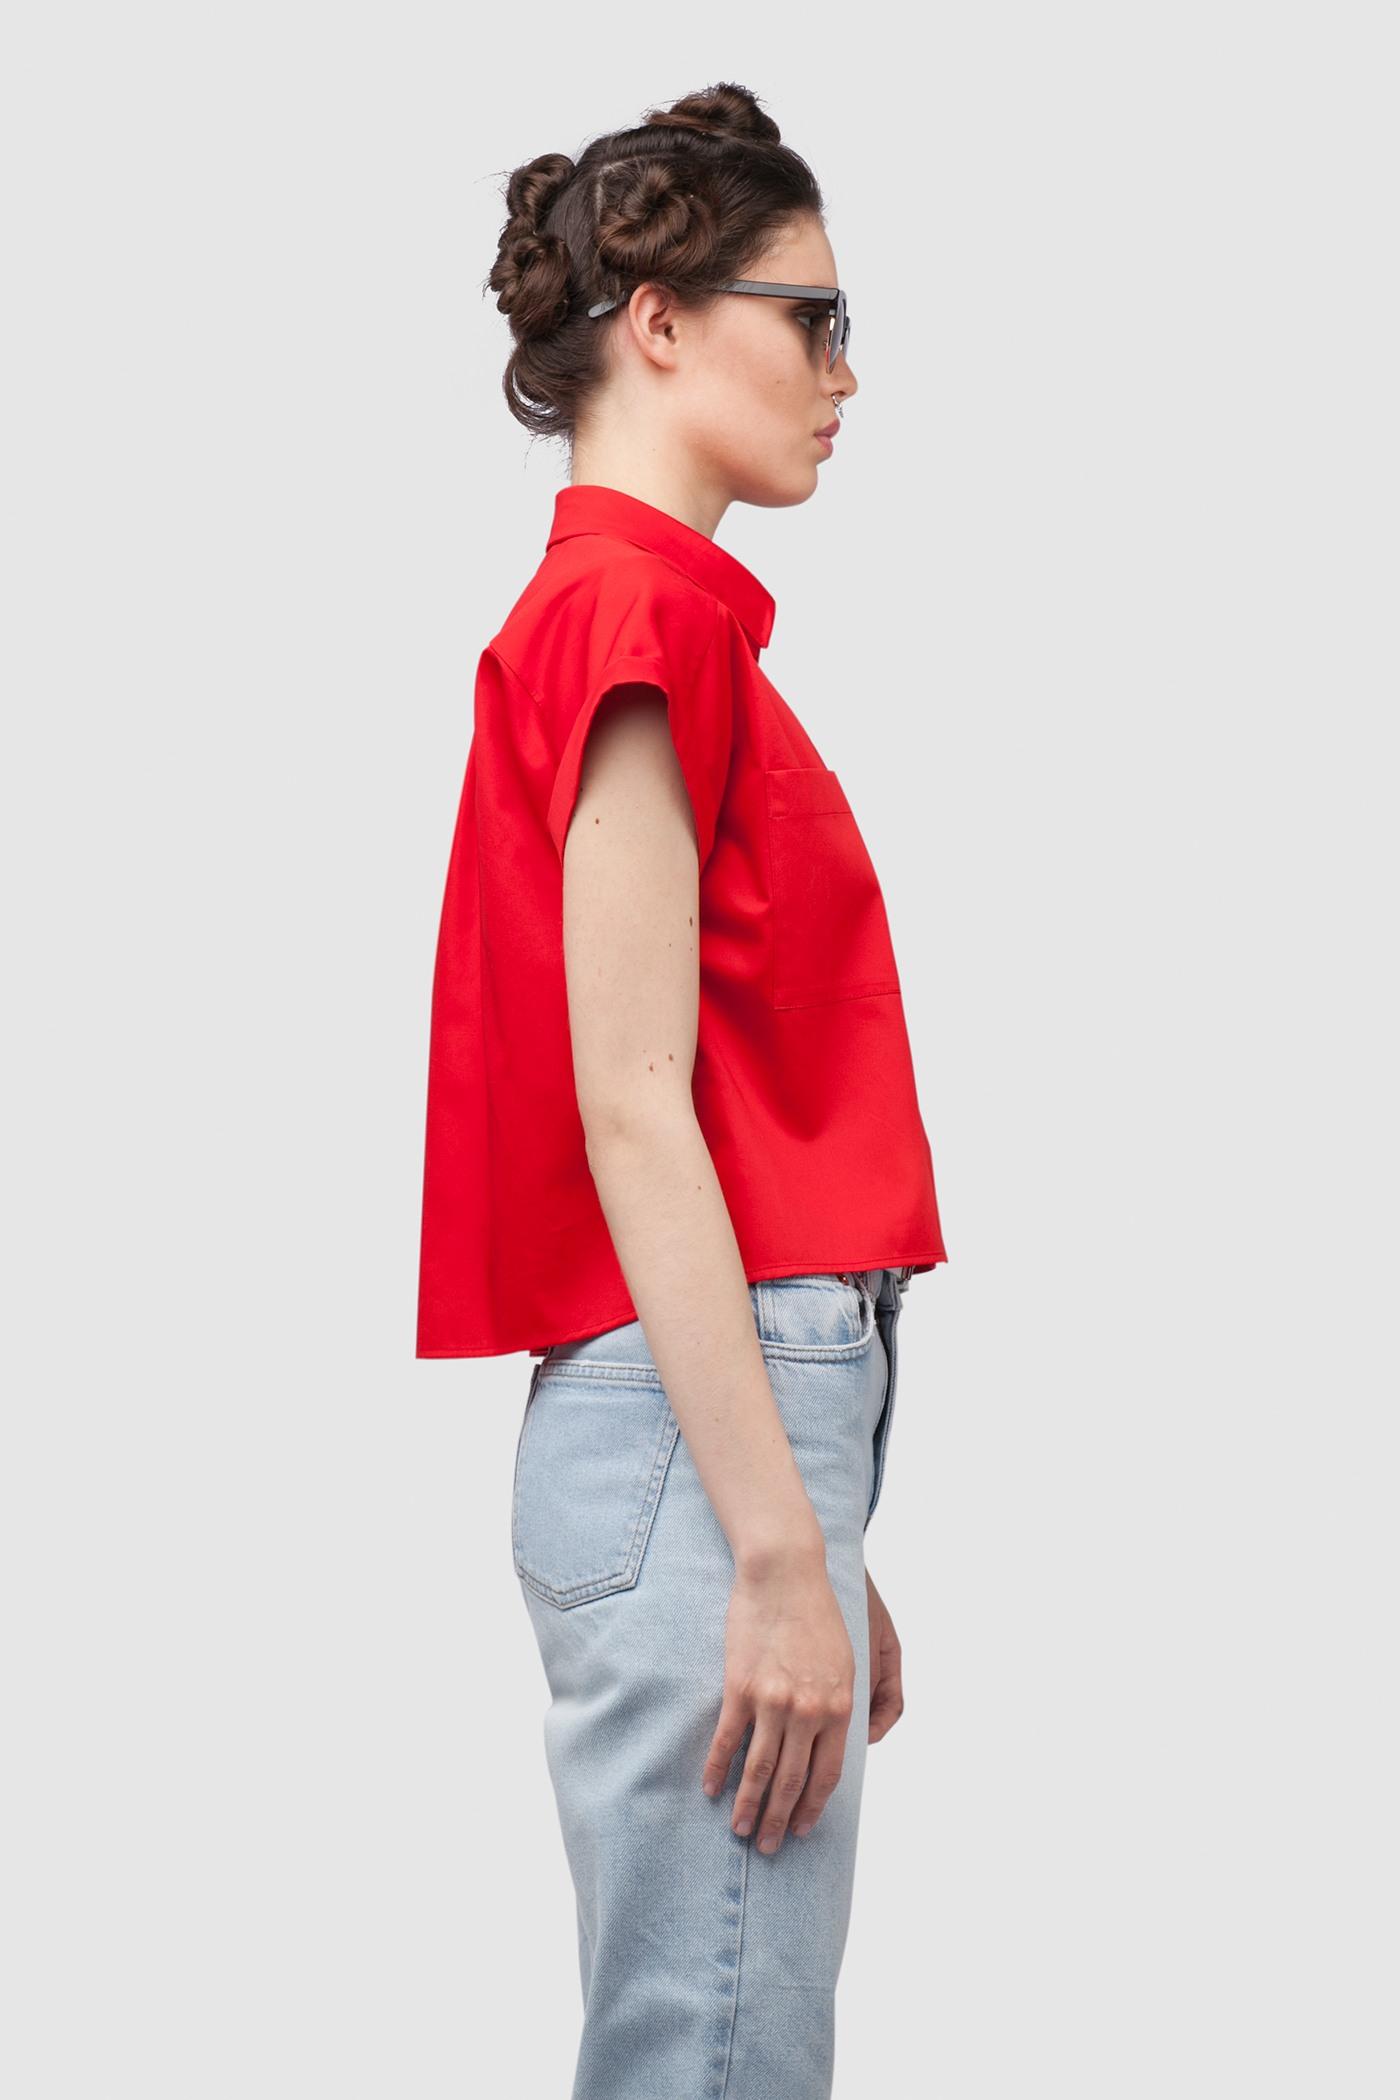 РубашкаРубашка прямого силуэта из 100% хлопка&#13;<br>&#13;<br>&#13;<br>два кармана&#13;<br>&#13;<br>притачные манжеты&#13;<br>&#13;<br>по центру спинки складка, обеспечивающая свободу движения&#13;<br>&#13;<br>длина по спинке 50 см<br><br>Цвет: Красный, Синий, Белый, Черный, Бледно-розовый<br>Размер: XS, S, M, L